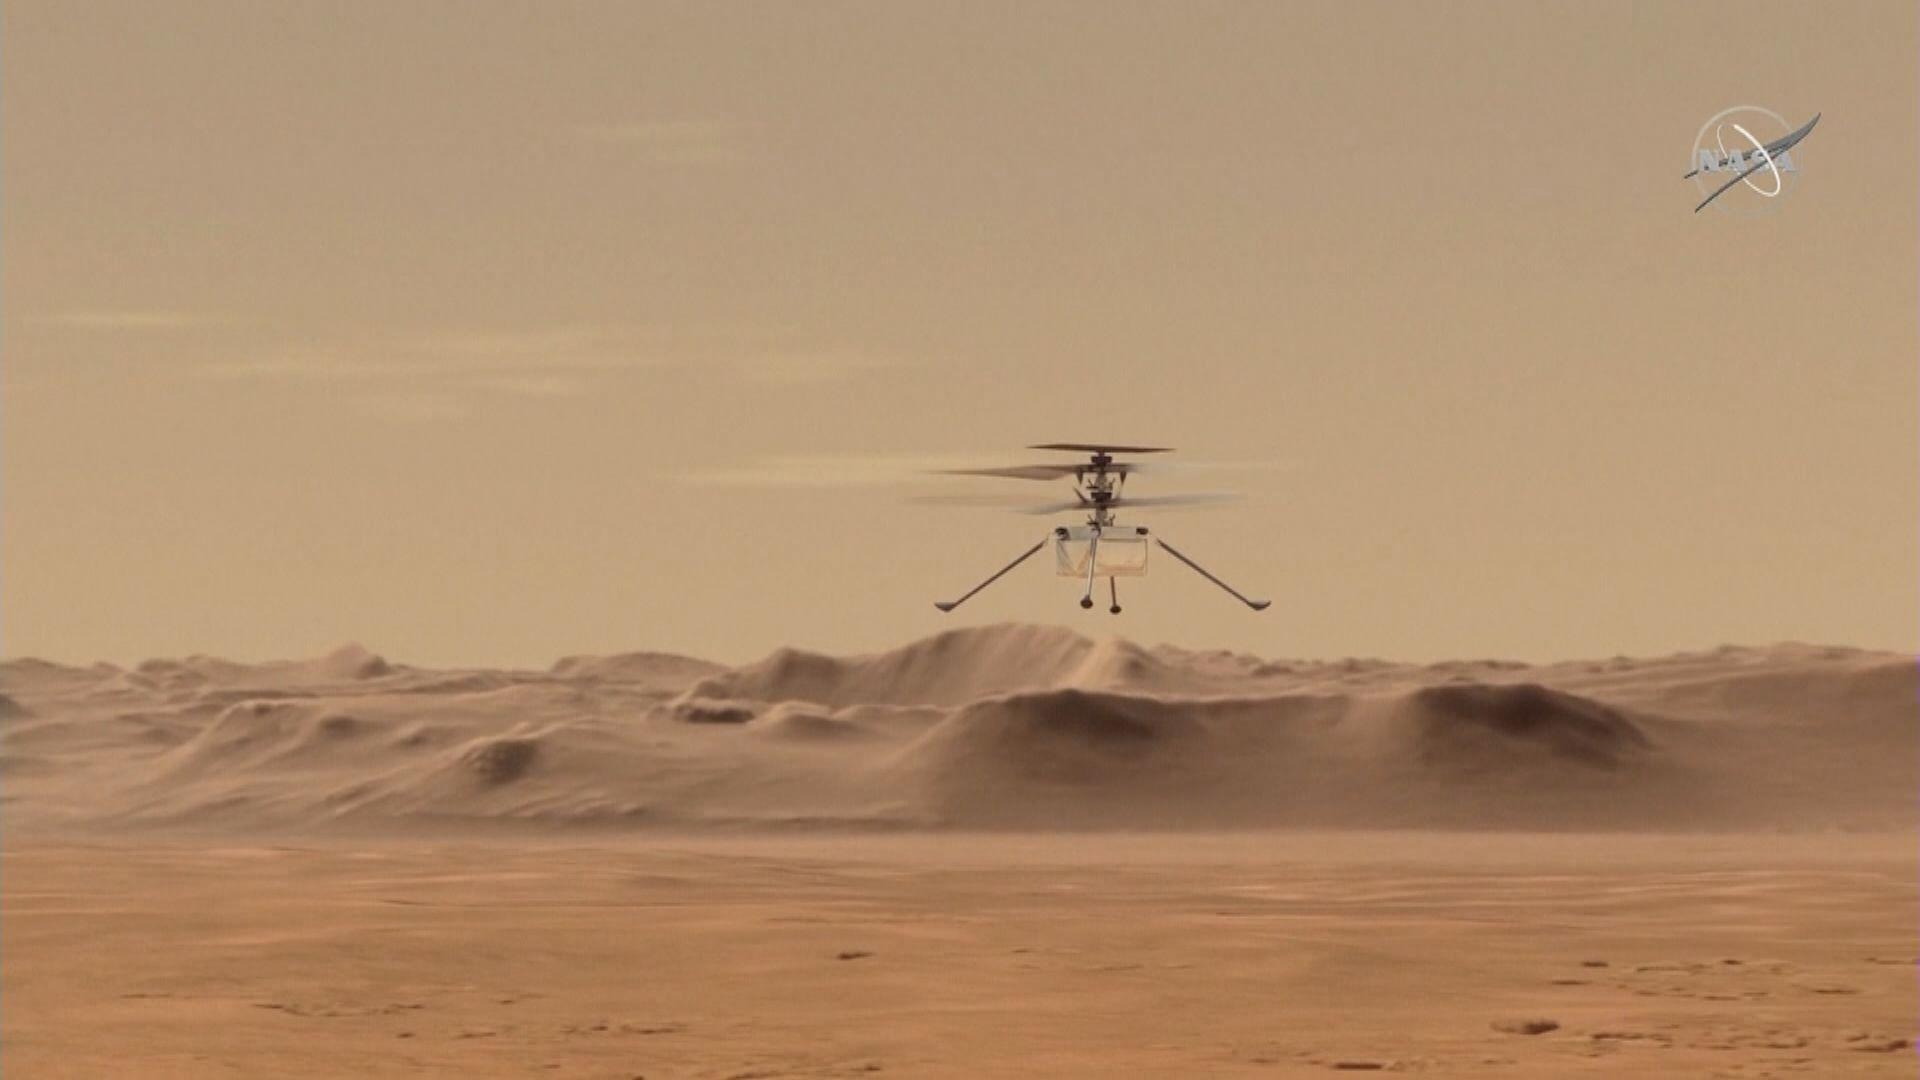 美國無人直升機於火星飛行 時速超越地球試飛時紀錄